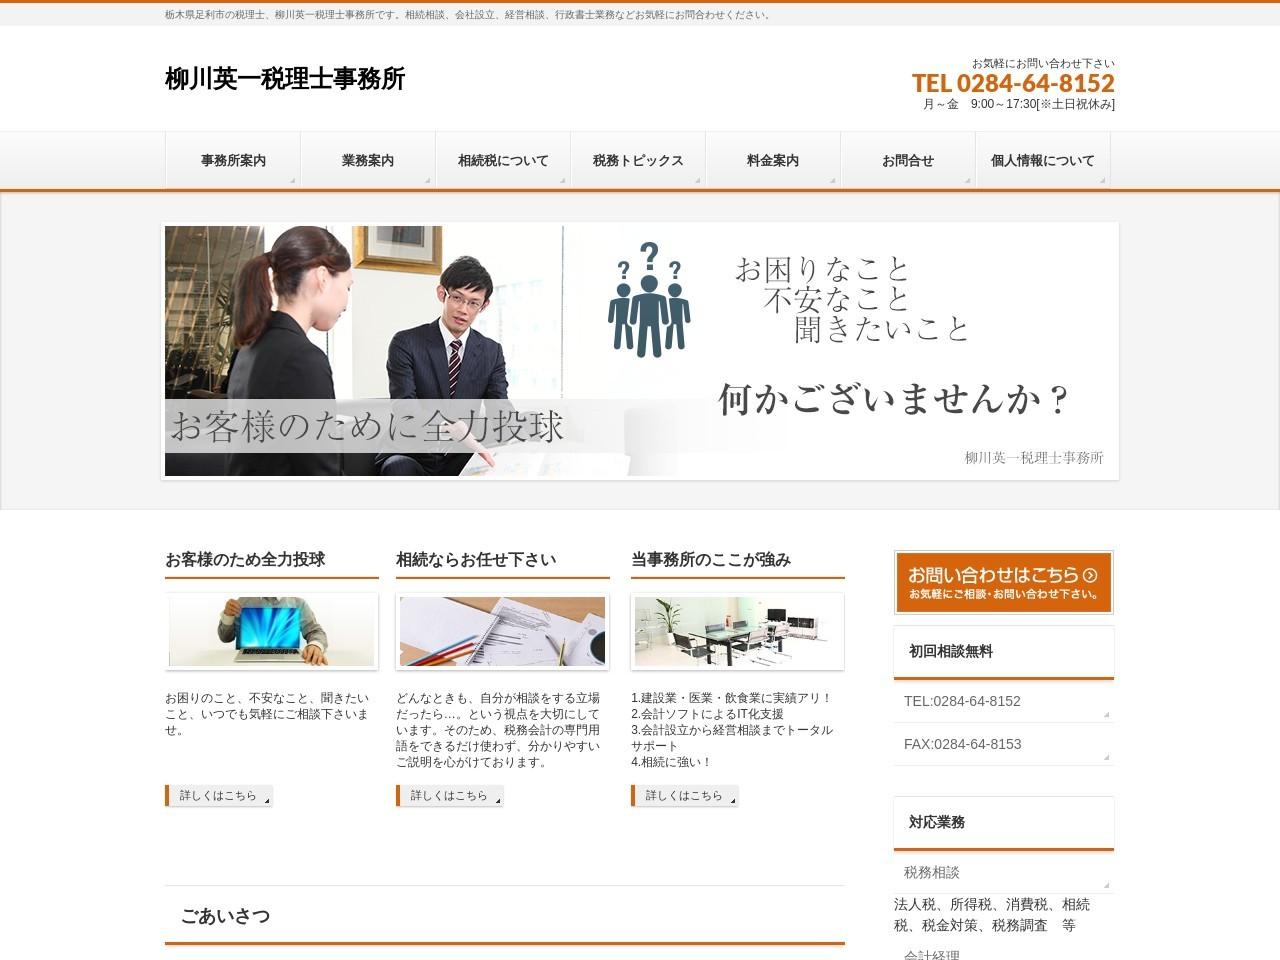 柳川英一税理士事務所